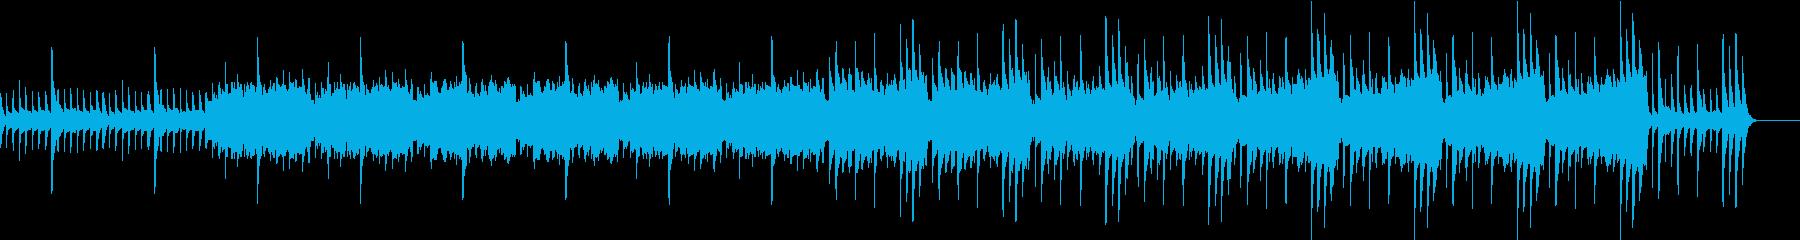 悲しいピアノとオーケストラのbgmの再生済みの波形